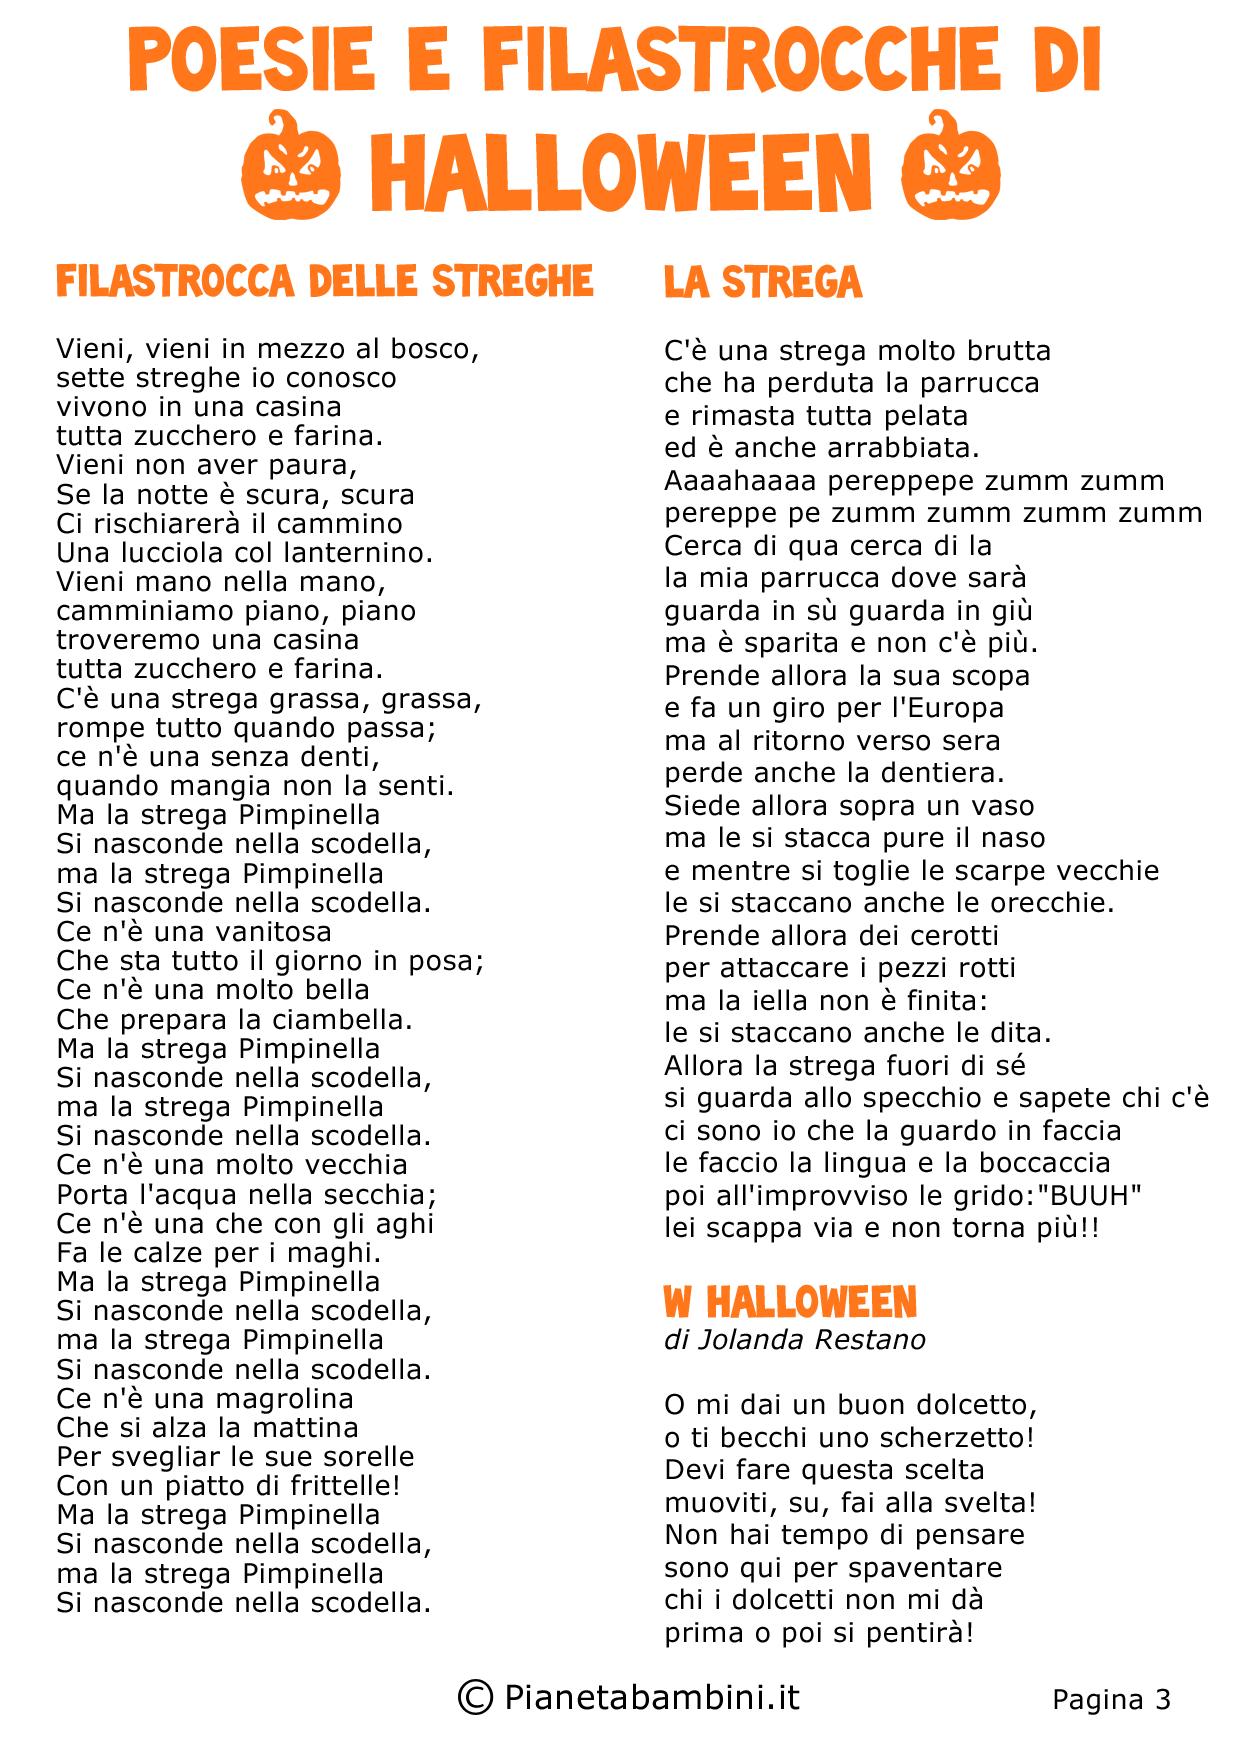 Poesie-Filastrocche-Halloween-3.png (1240×1754)